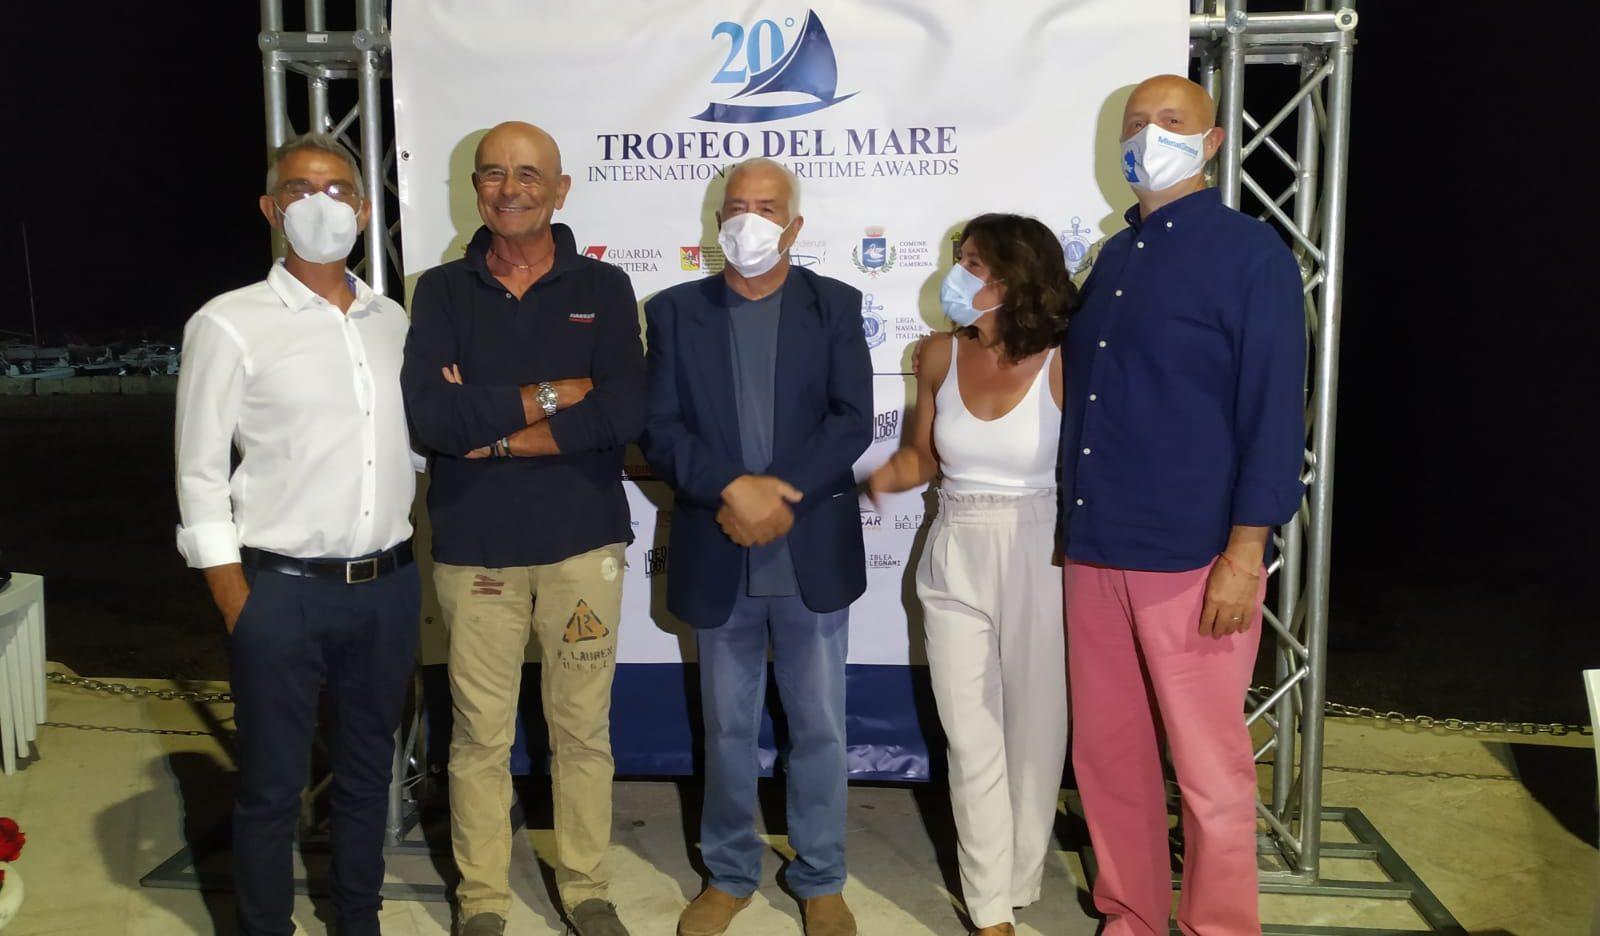 La 20.ma edizione del Trofeo del Mare a Punta Secca: ecco l'anteprima